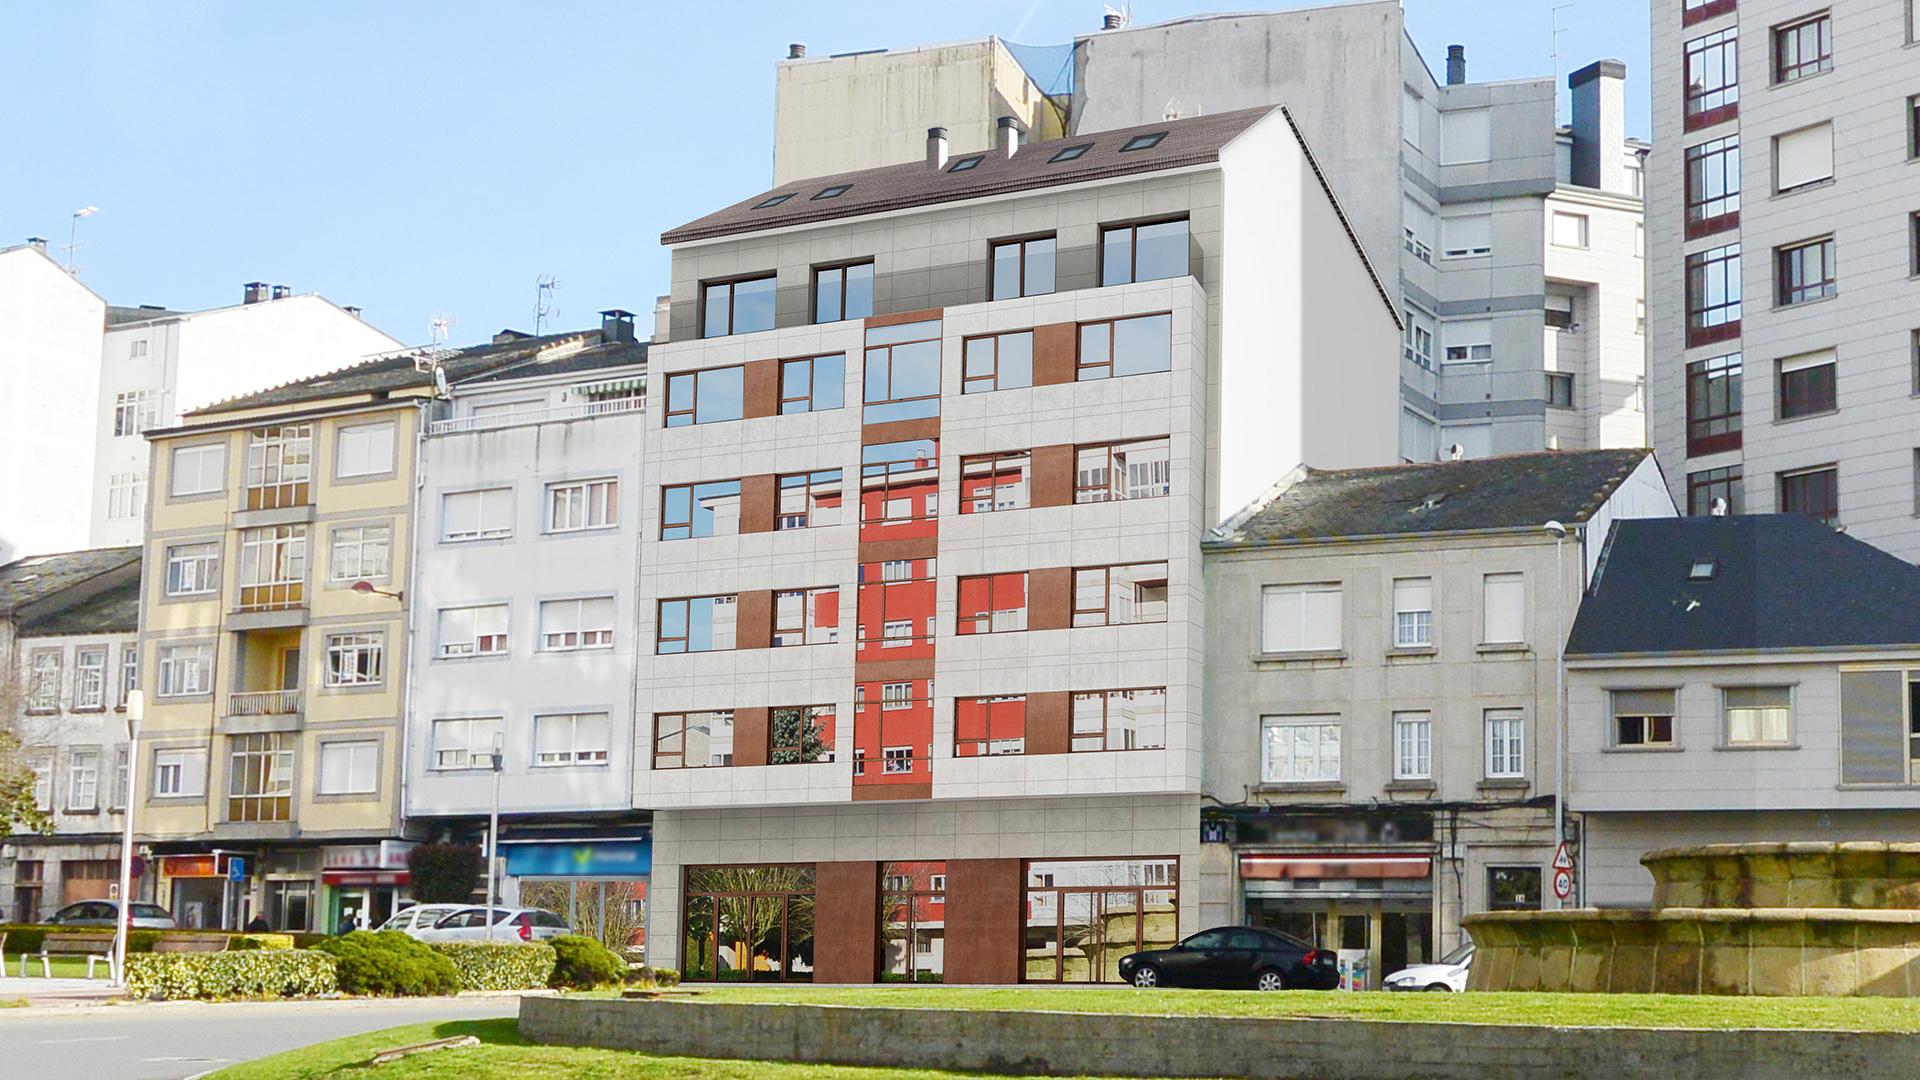 01_Aringal Dmanan Edificio Fonte do Rei fachada diseño industrial Zaton diseñadores